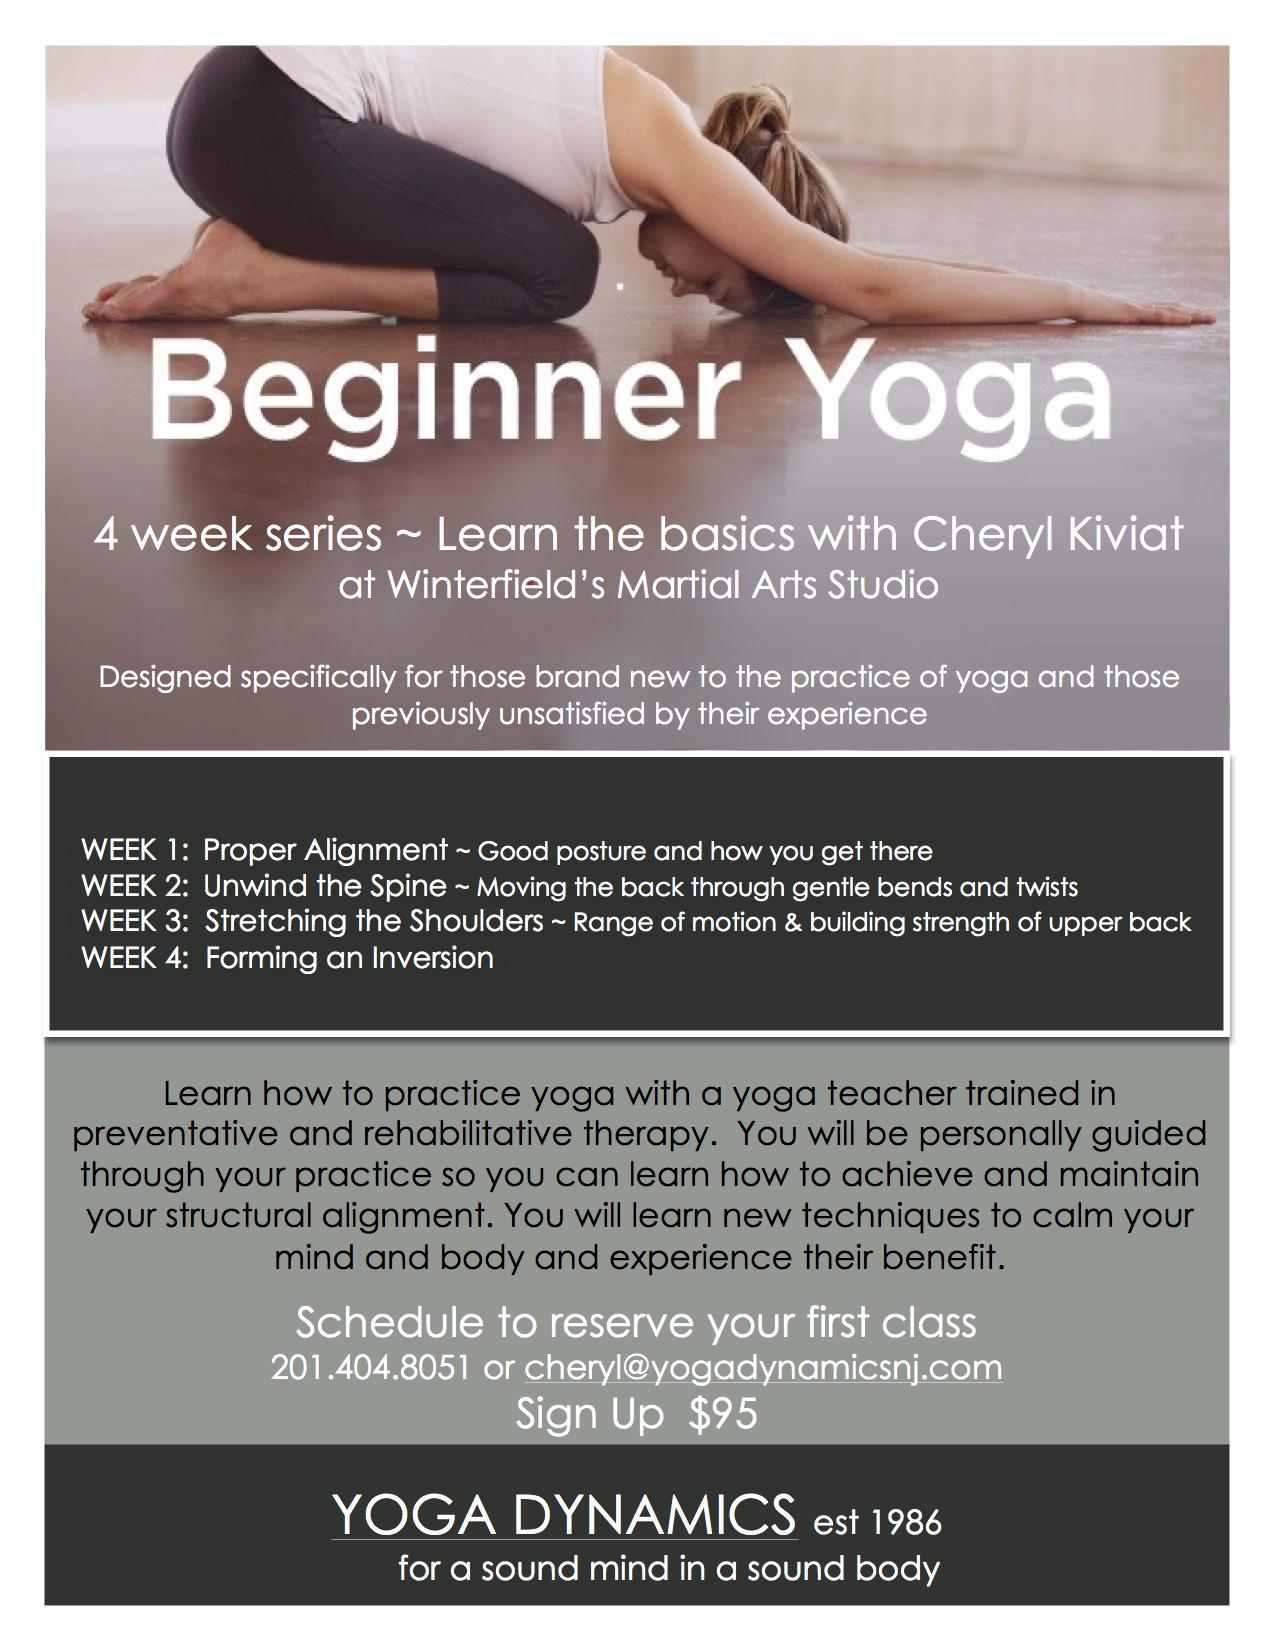 Beginner Yoga Flyer For Website